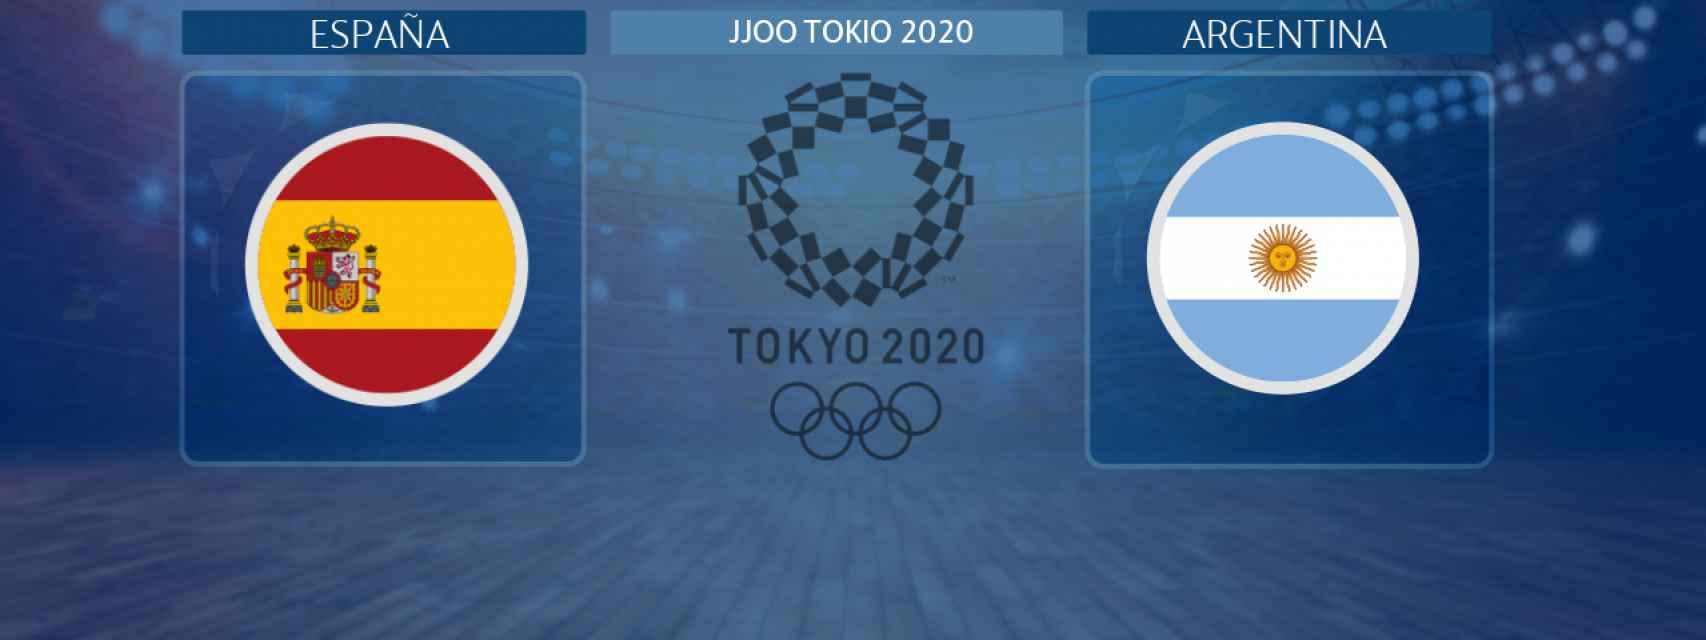 España - Argentina, partido de balonmano masculino de los JJOO Tokio 2020